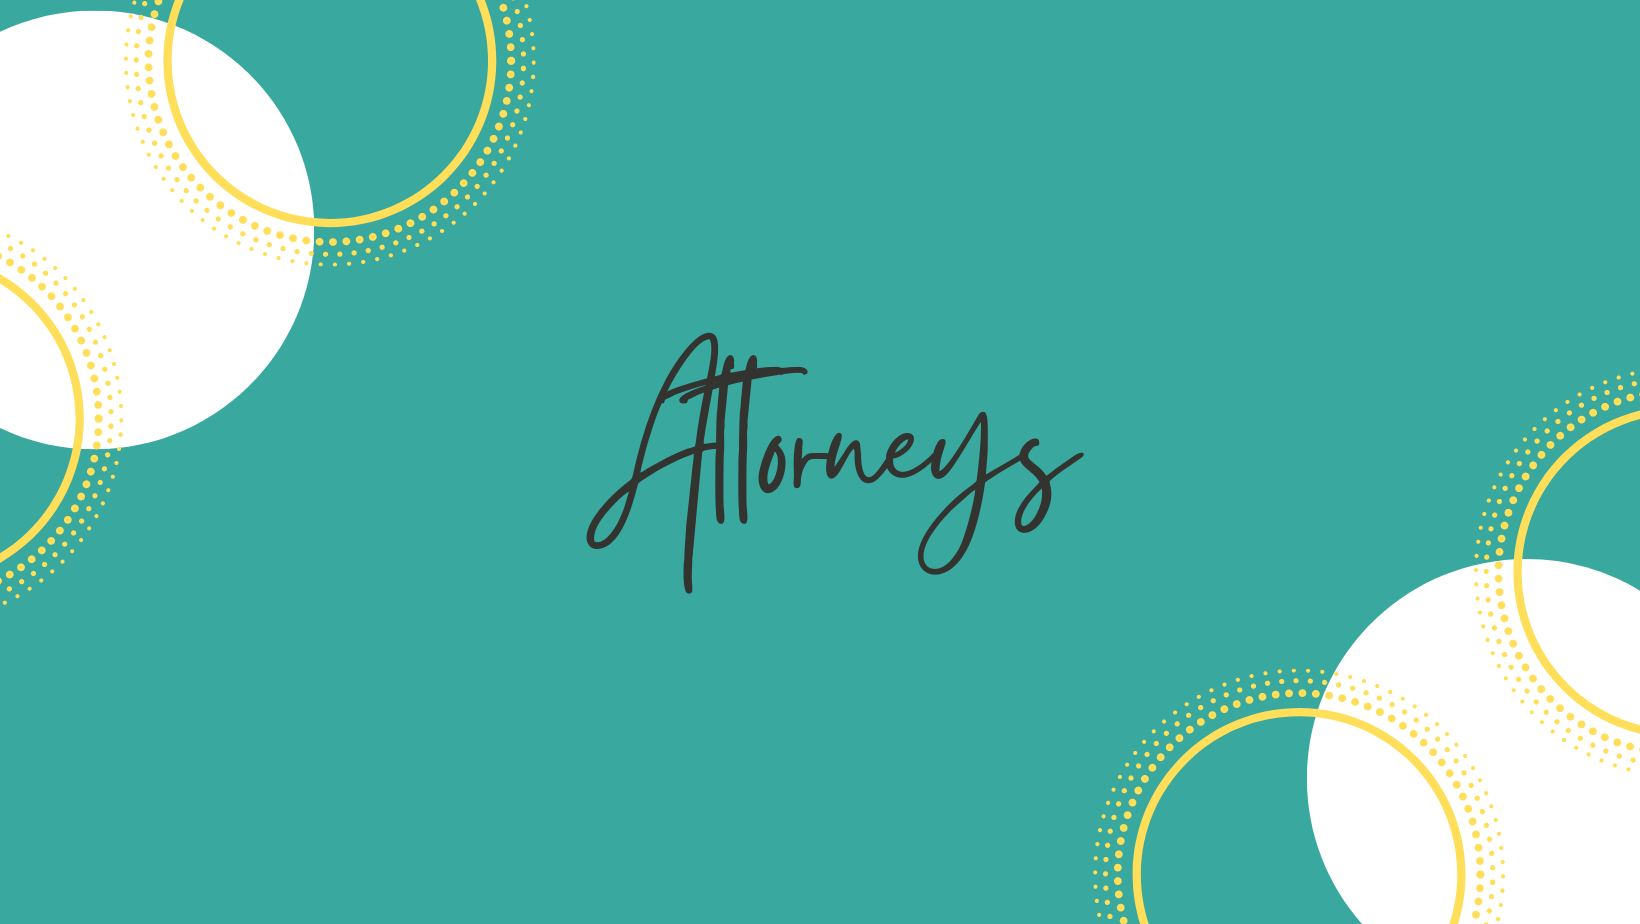 Attorneys_Banner